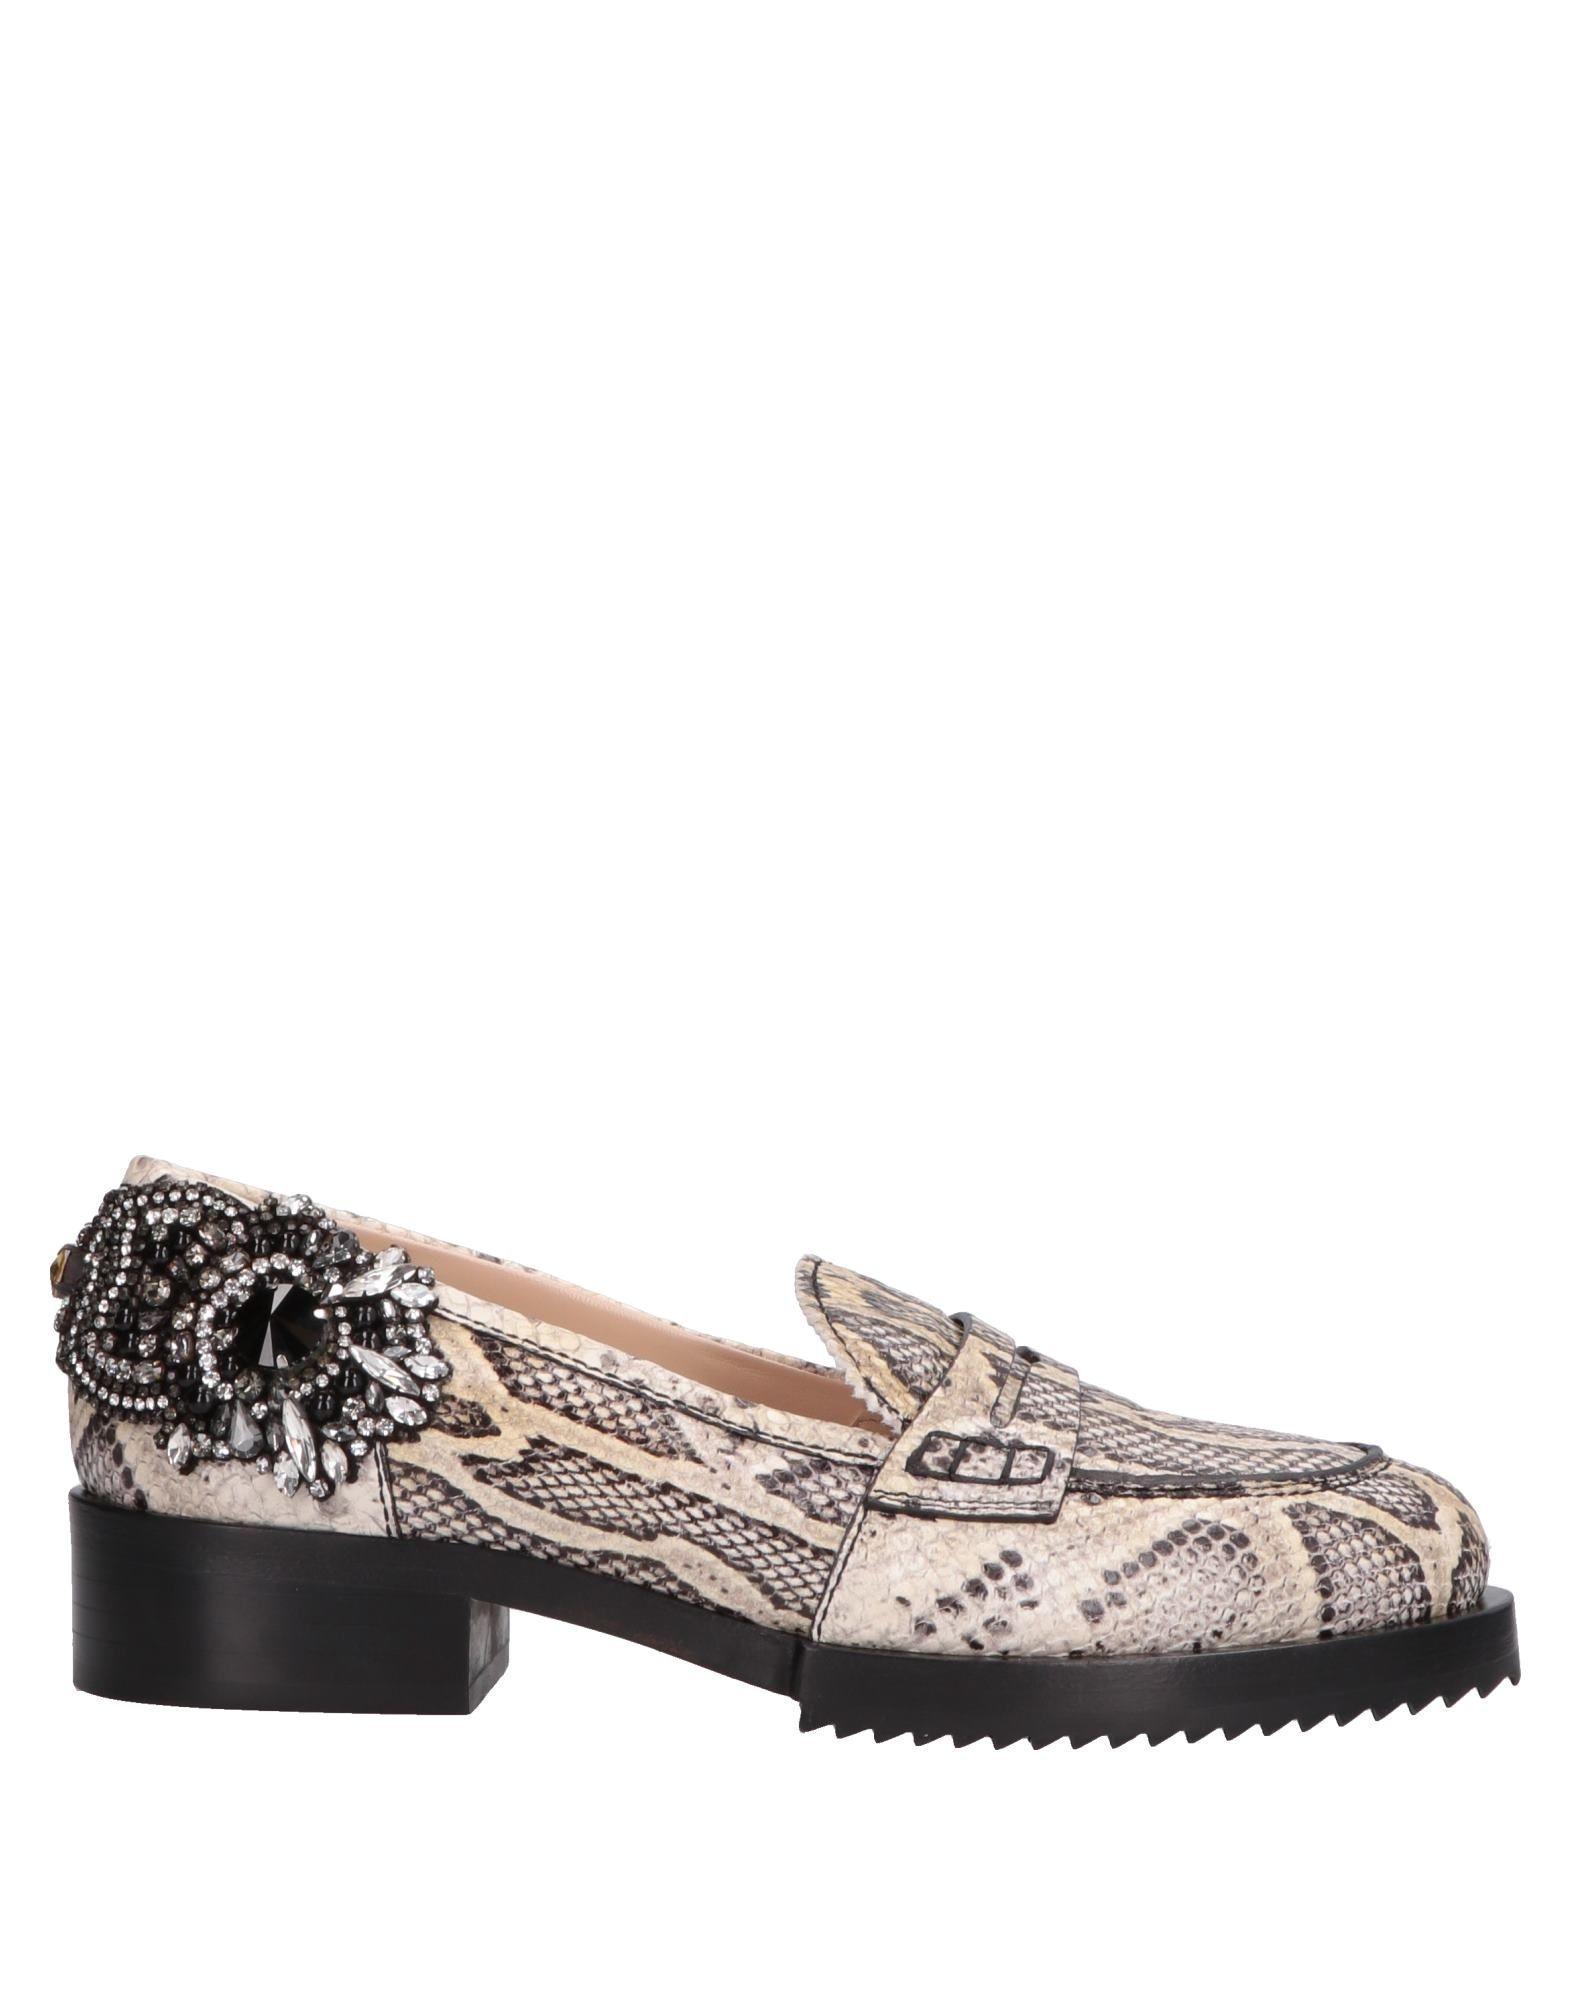 N° 21 Loafers - Women N° 21 Loafers online on 11563502KA  United Kingdom - 11563502KA on 30c18a